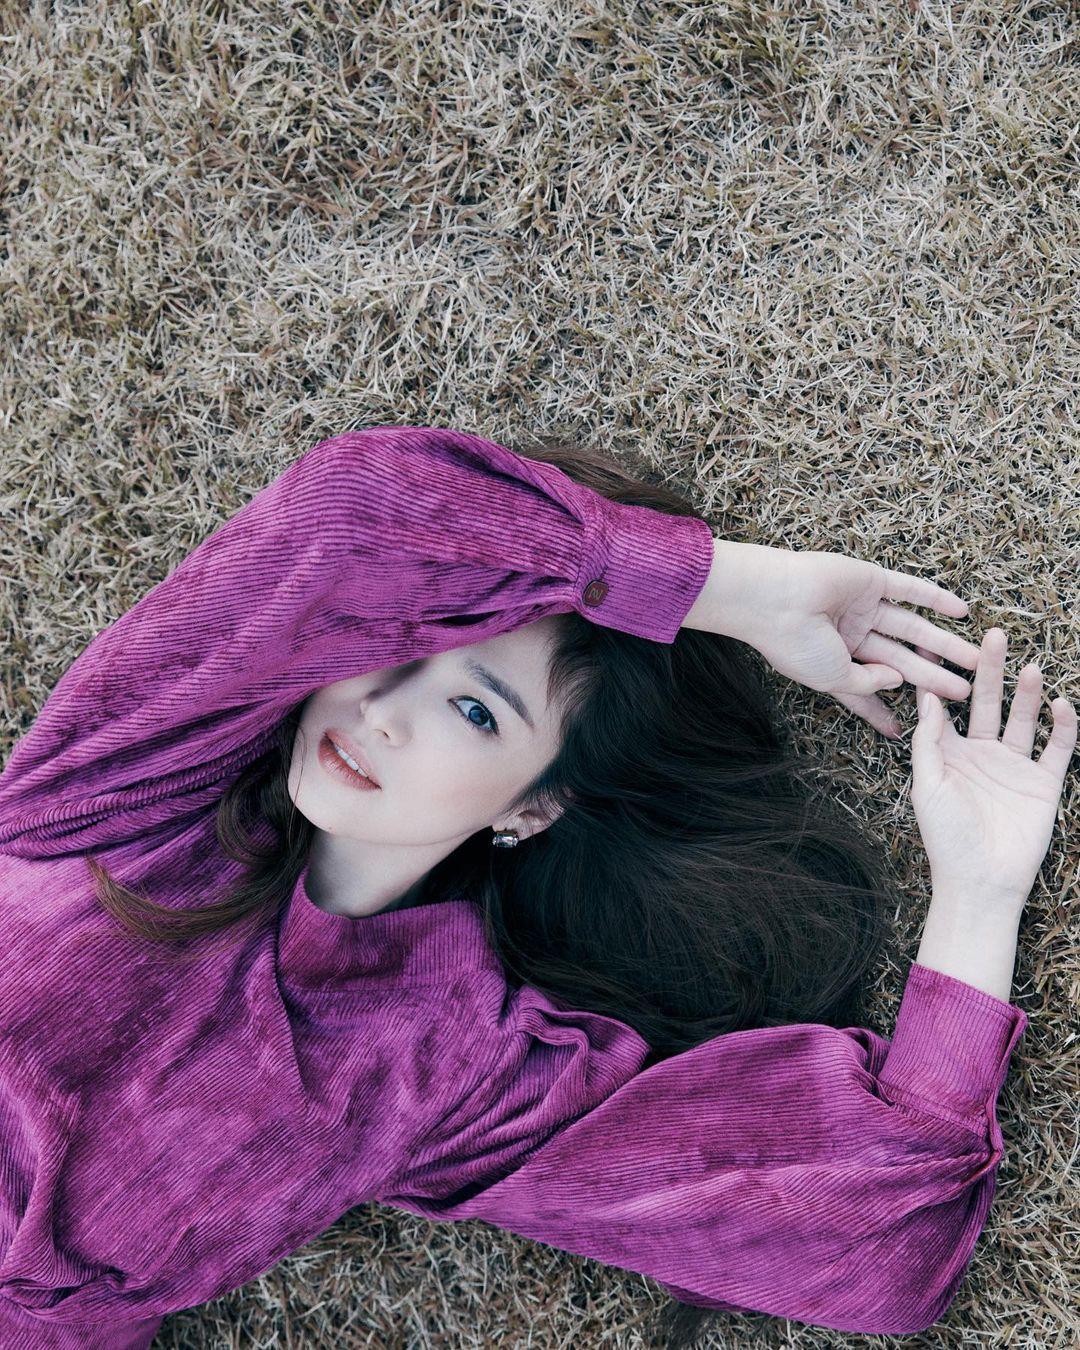 Song Hye Kyo Masih Kandidat Wanita Berwajah Sempurna Sejagad